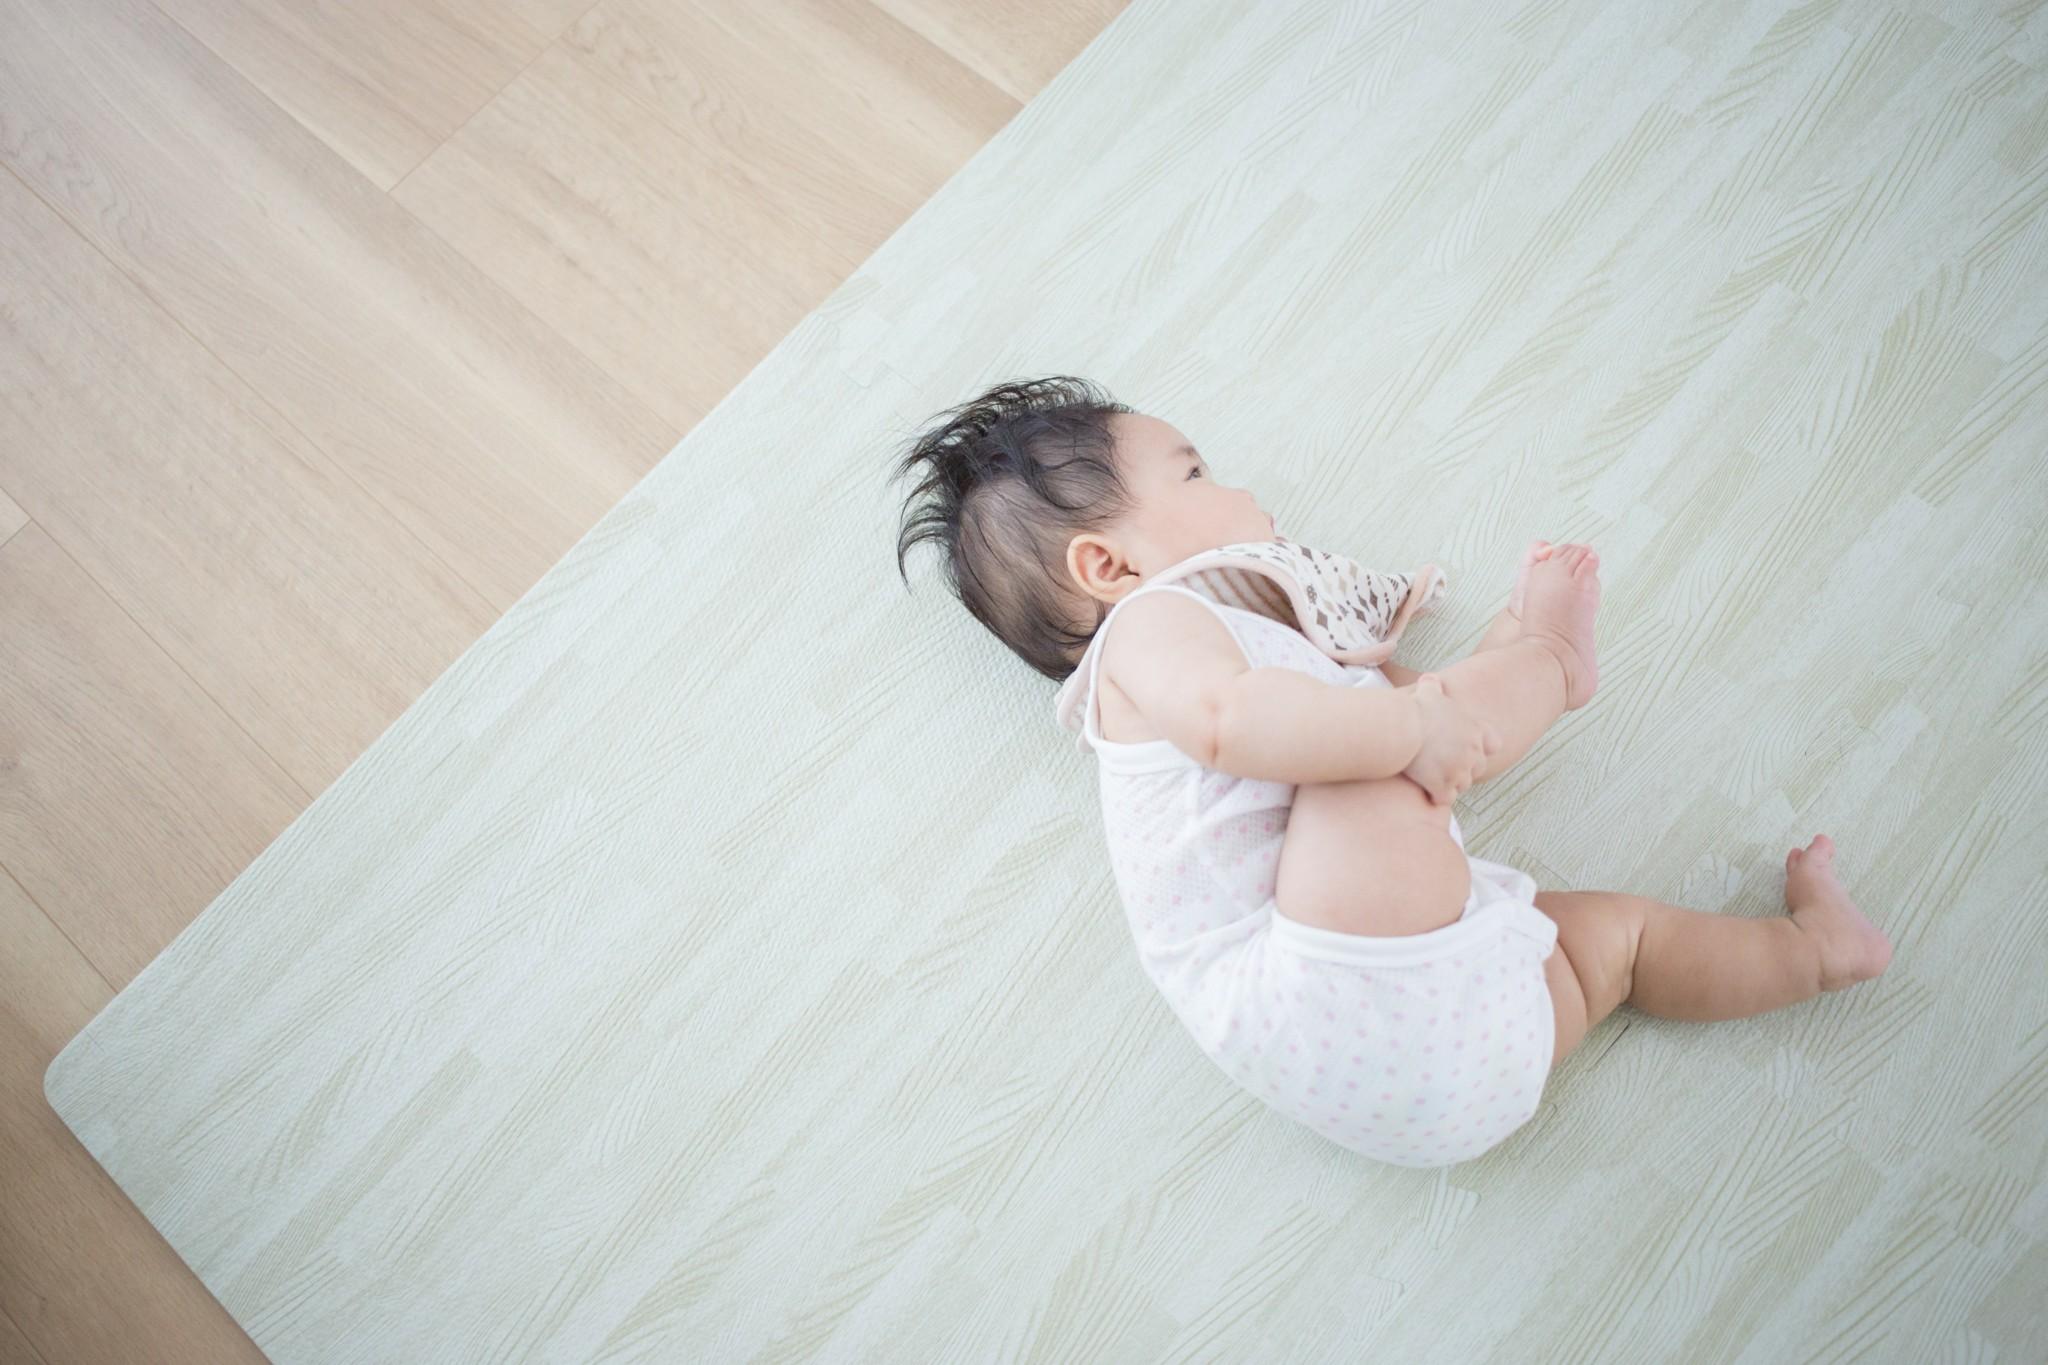 赤ちゃん 寝返り いつ 赤ちゃんの寝返りはいつ始まる?寝返り練習の手順5つをご紹介!